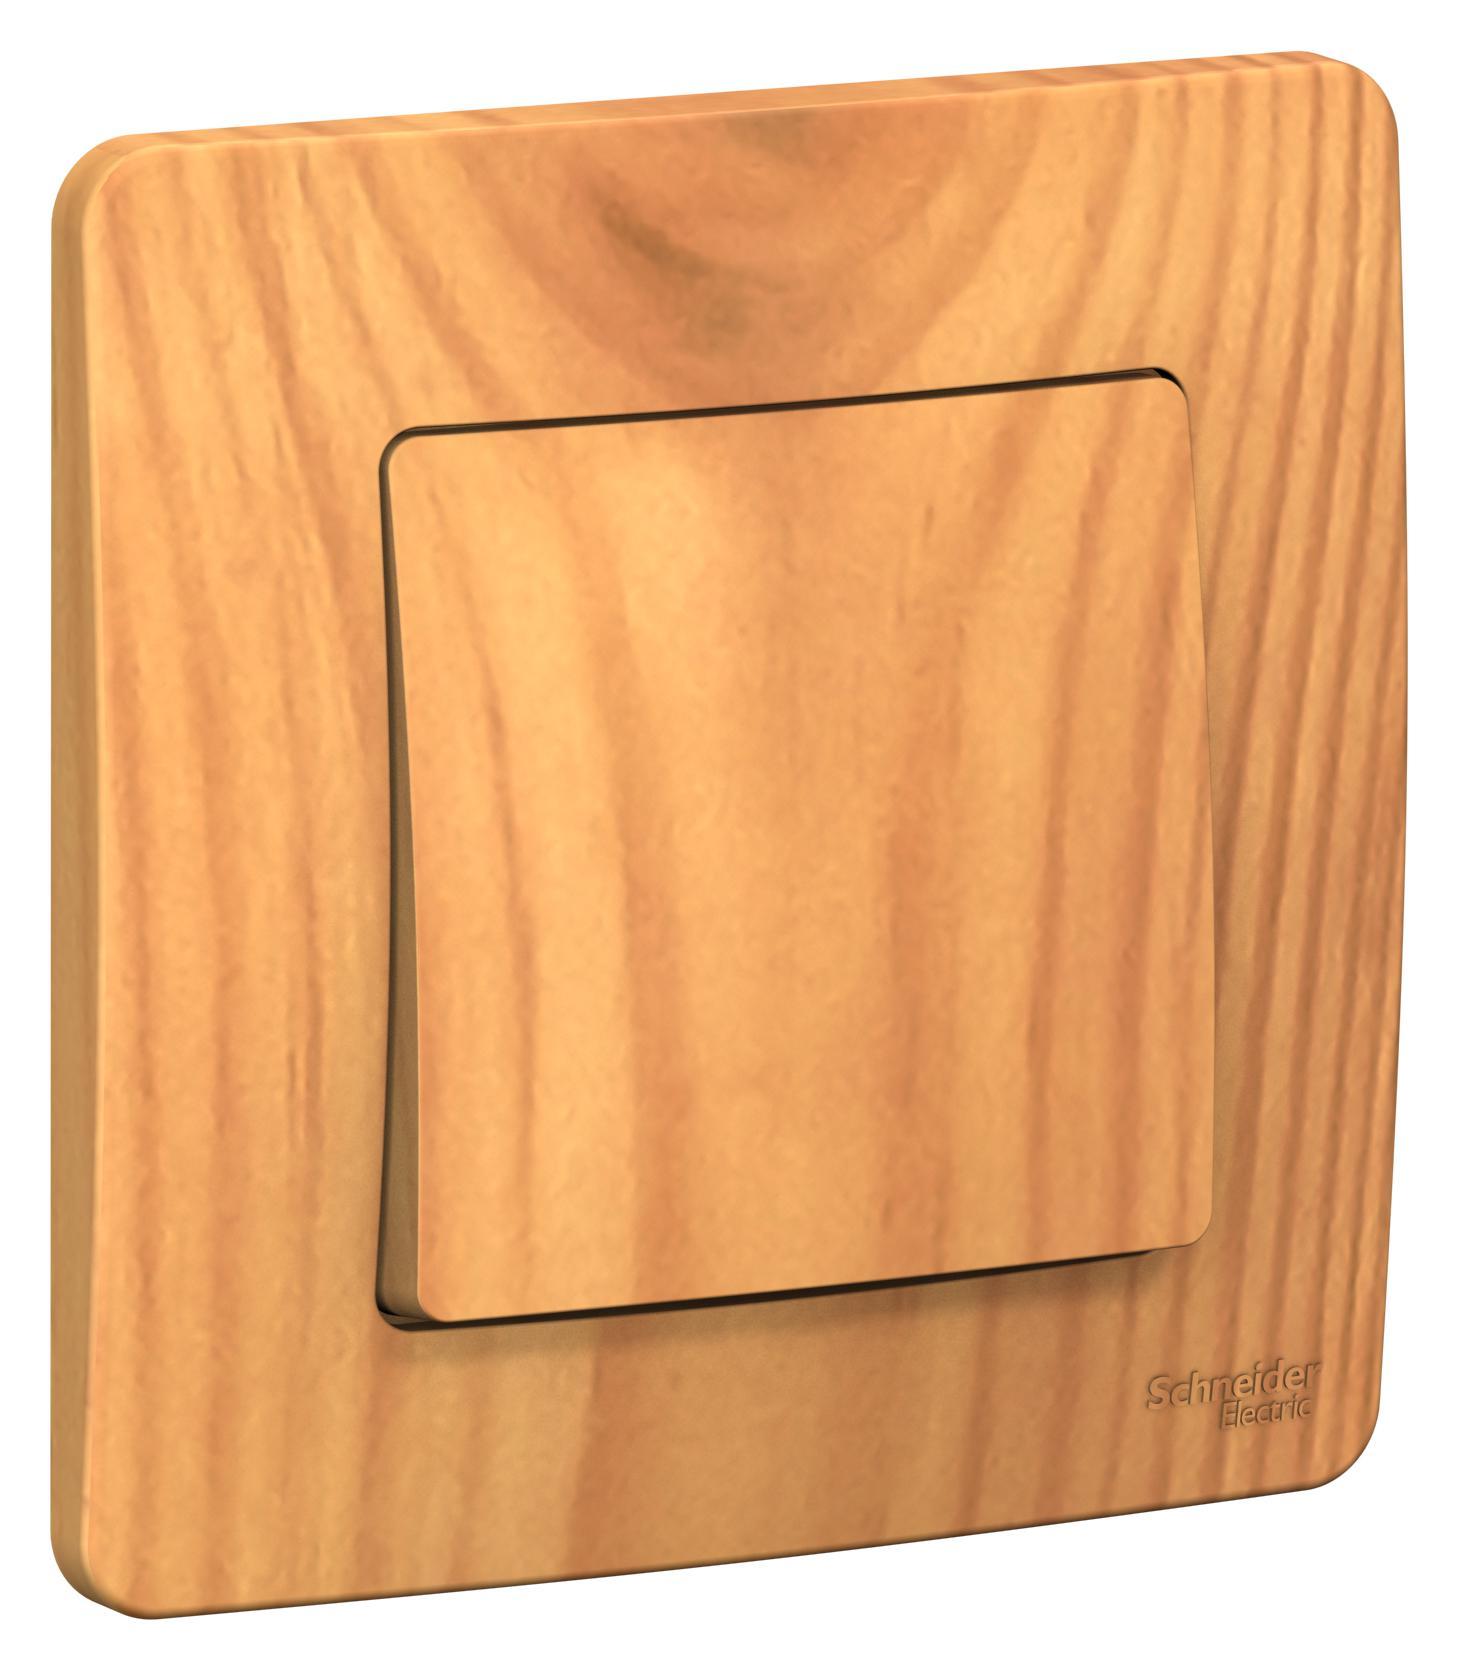 Выключатель Schneider electric Blnvs010105 blanca выключатель schneider electric blnva101013 blanca